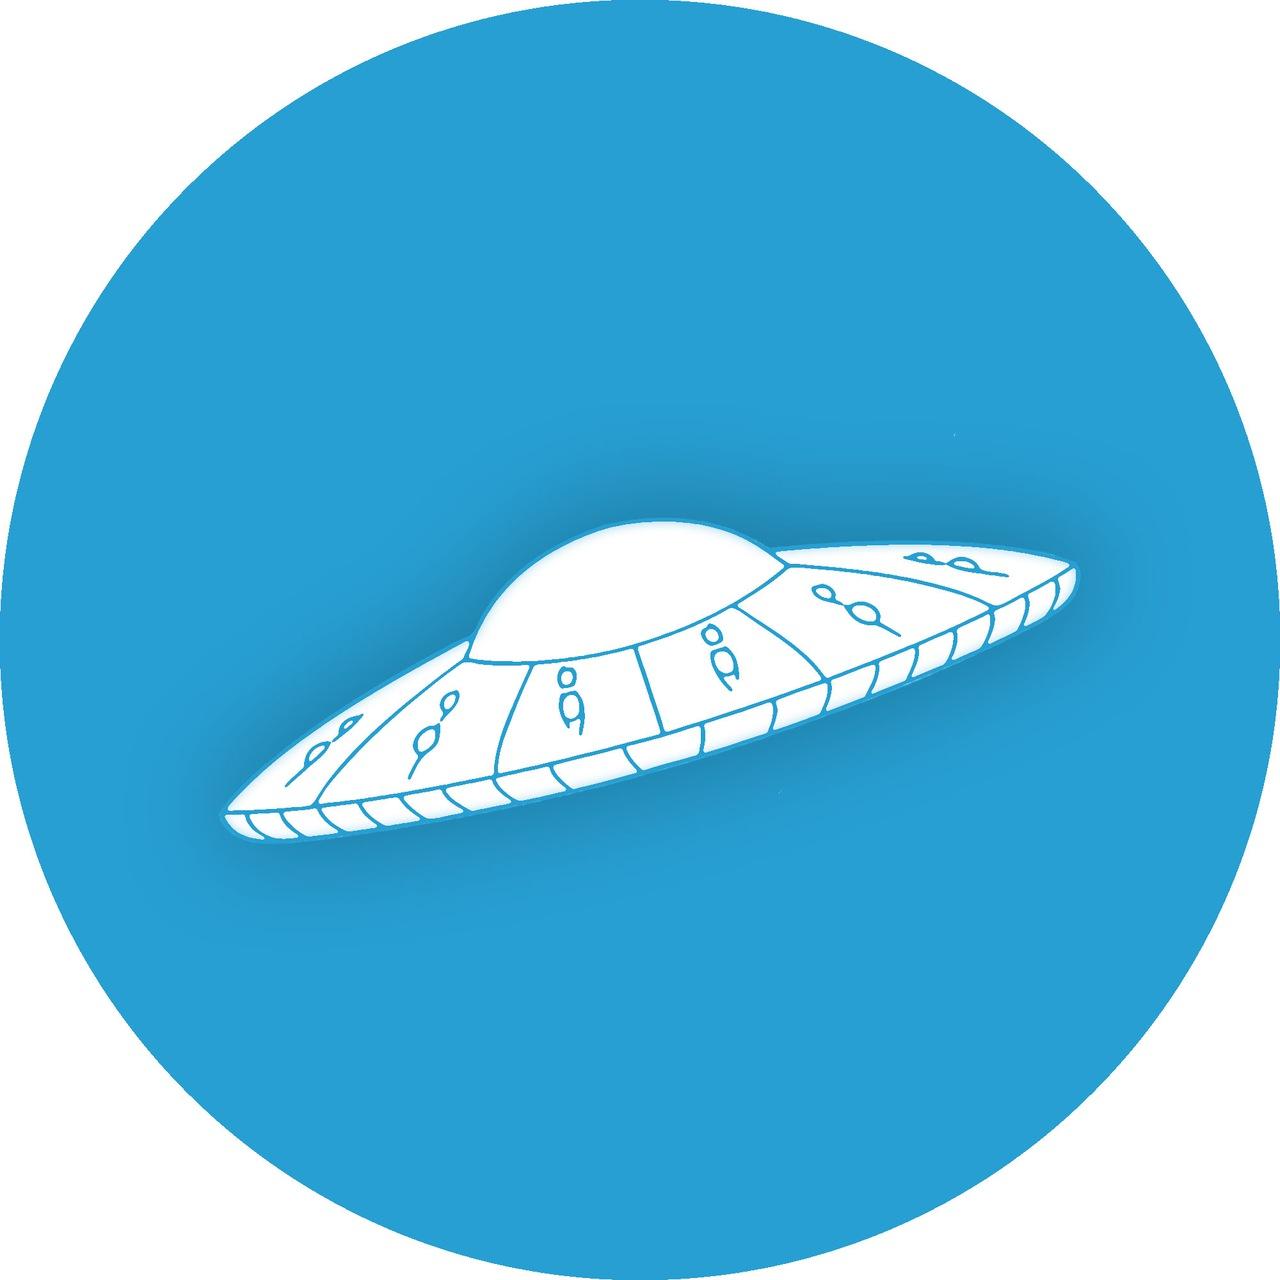 UFO - OVNI